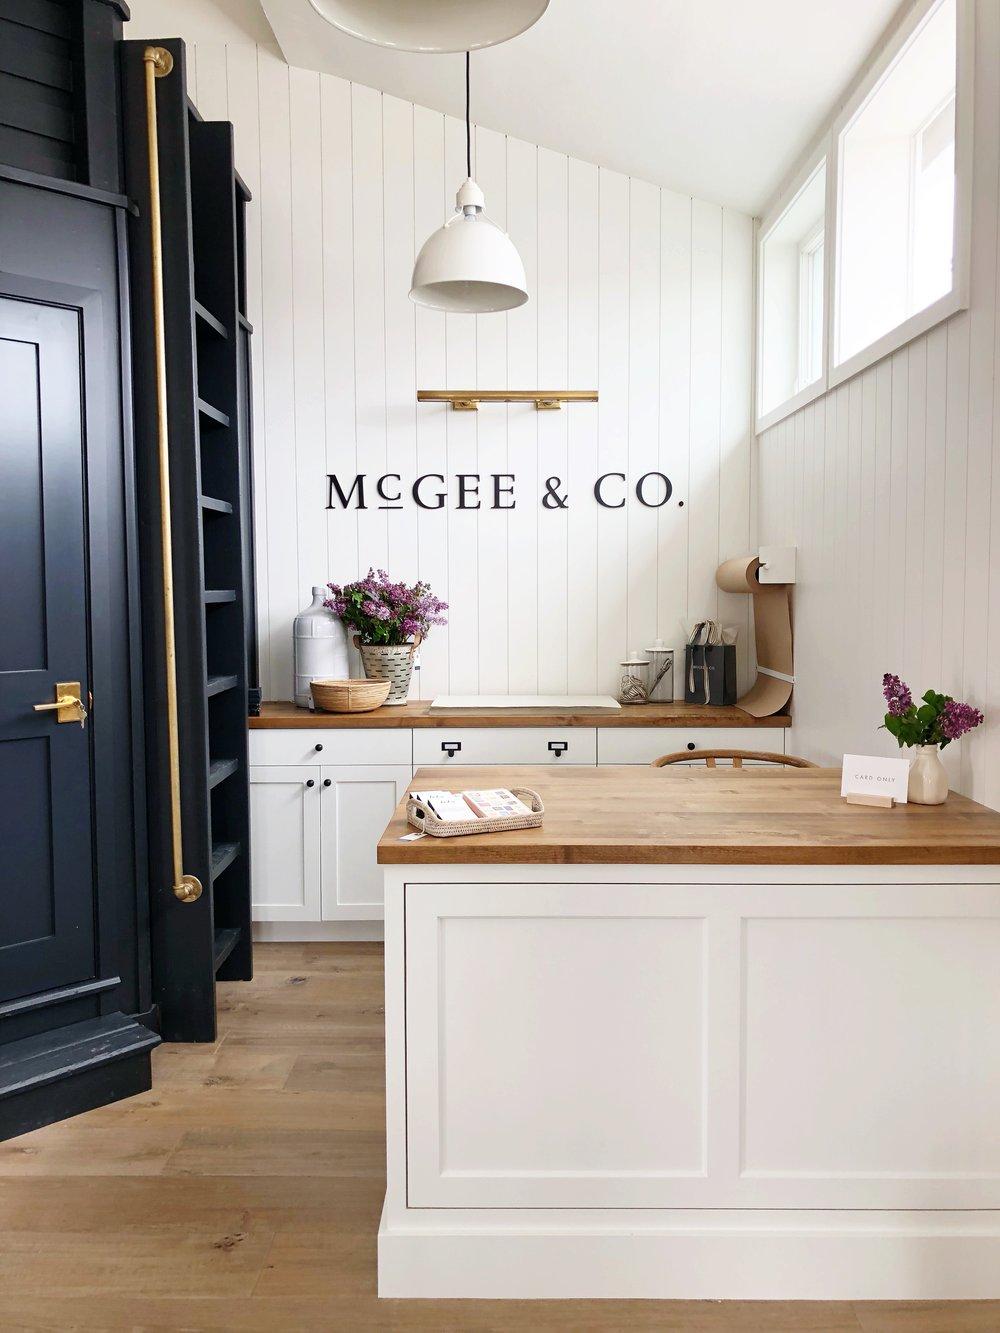 McGee & Co. Shop